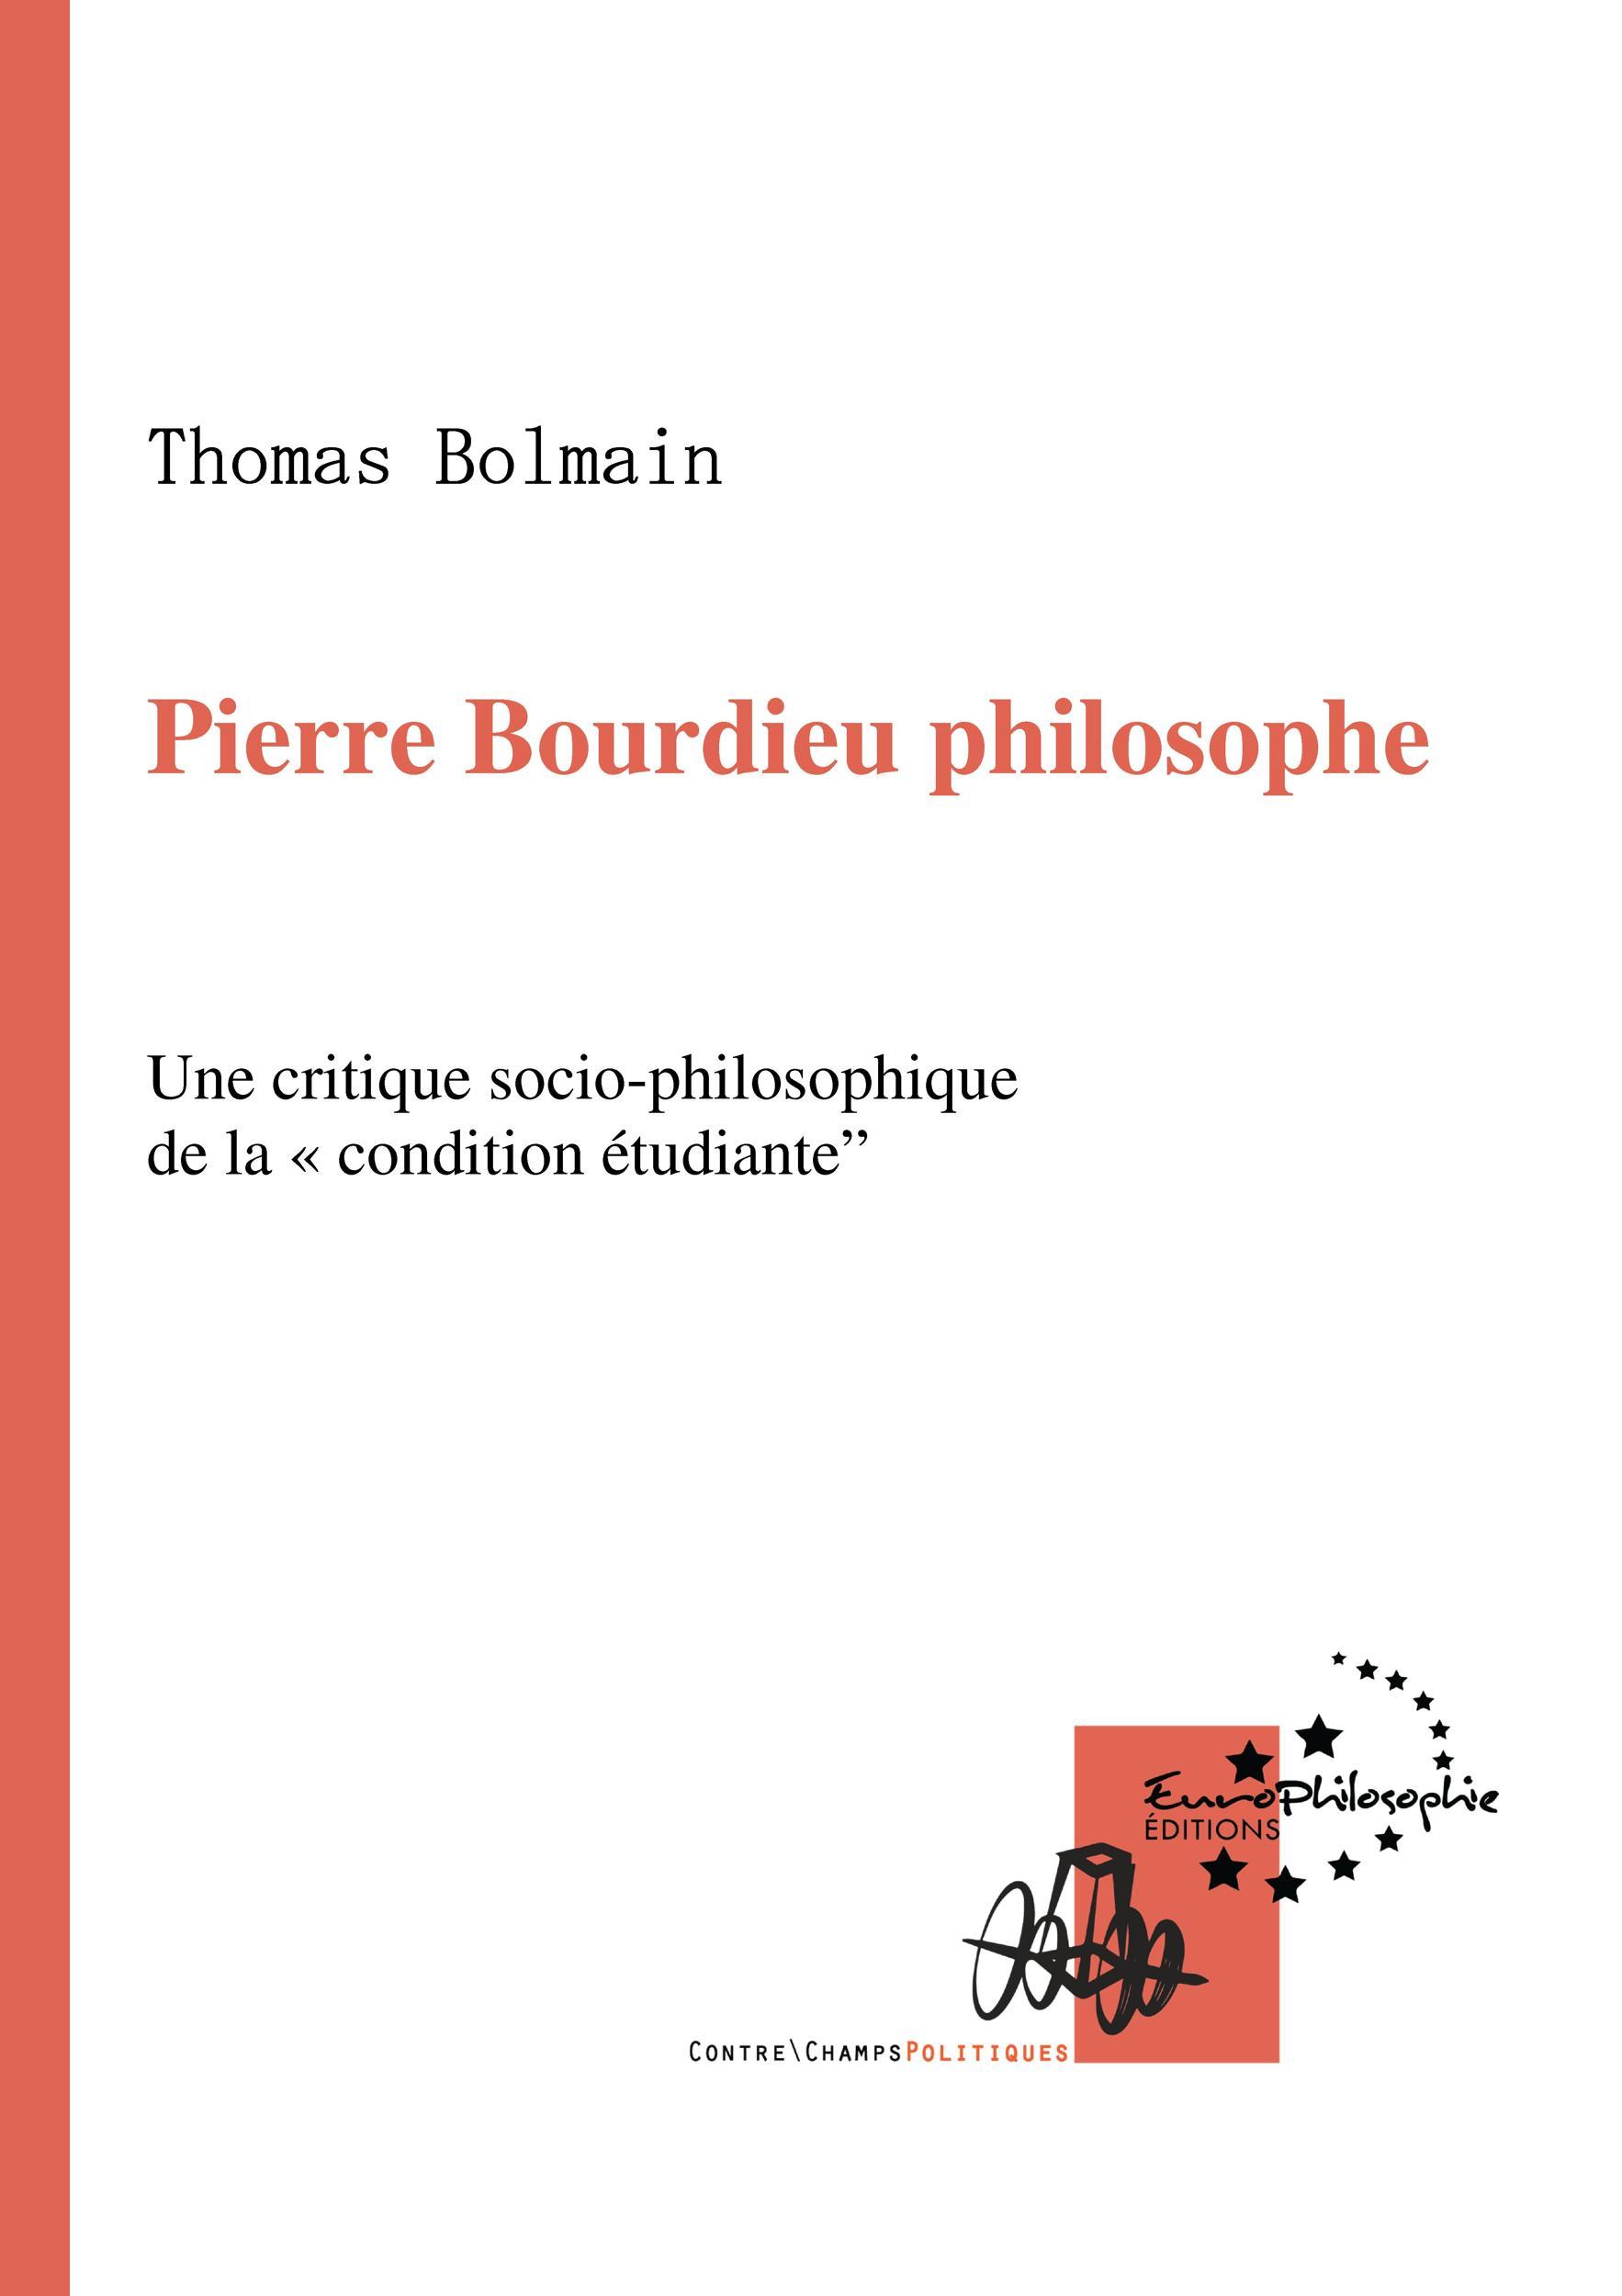 Pierre Bourdieu Philosophe, UNE CRITIQUE SOCIO-PHILOSOPHIQUE DE LA «CONDITION ÉTUDIANTE»